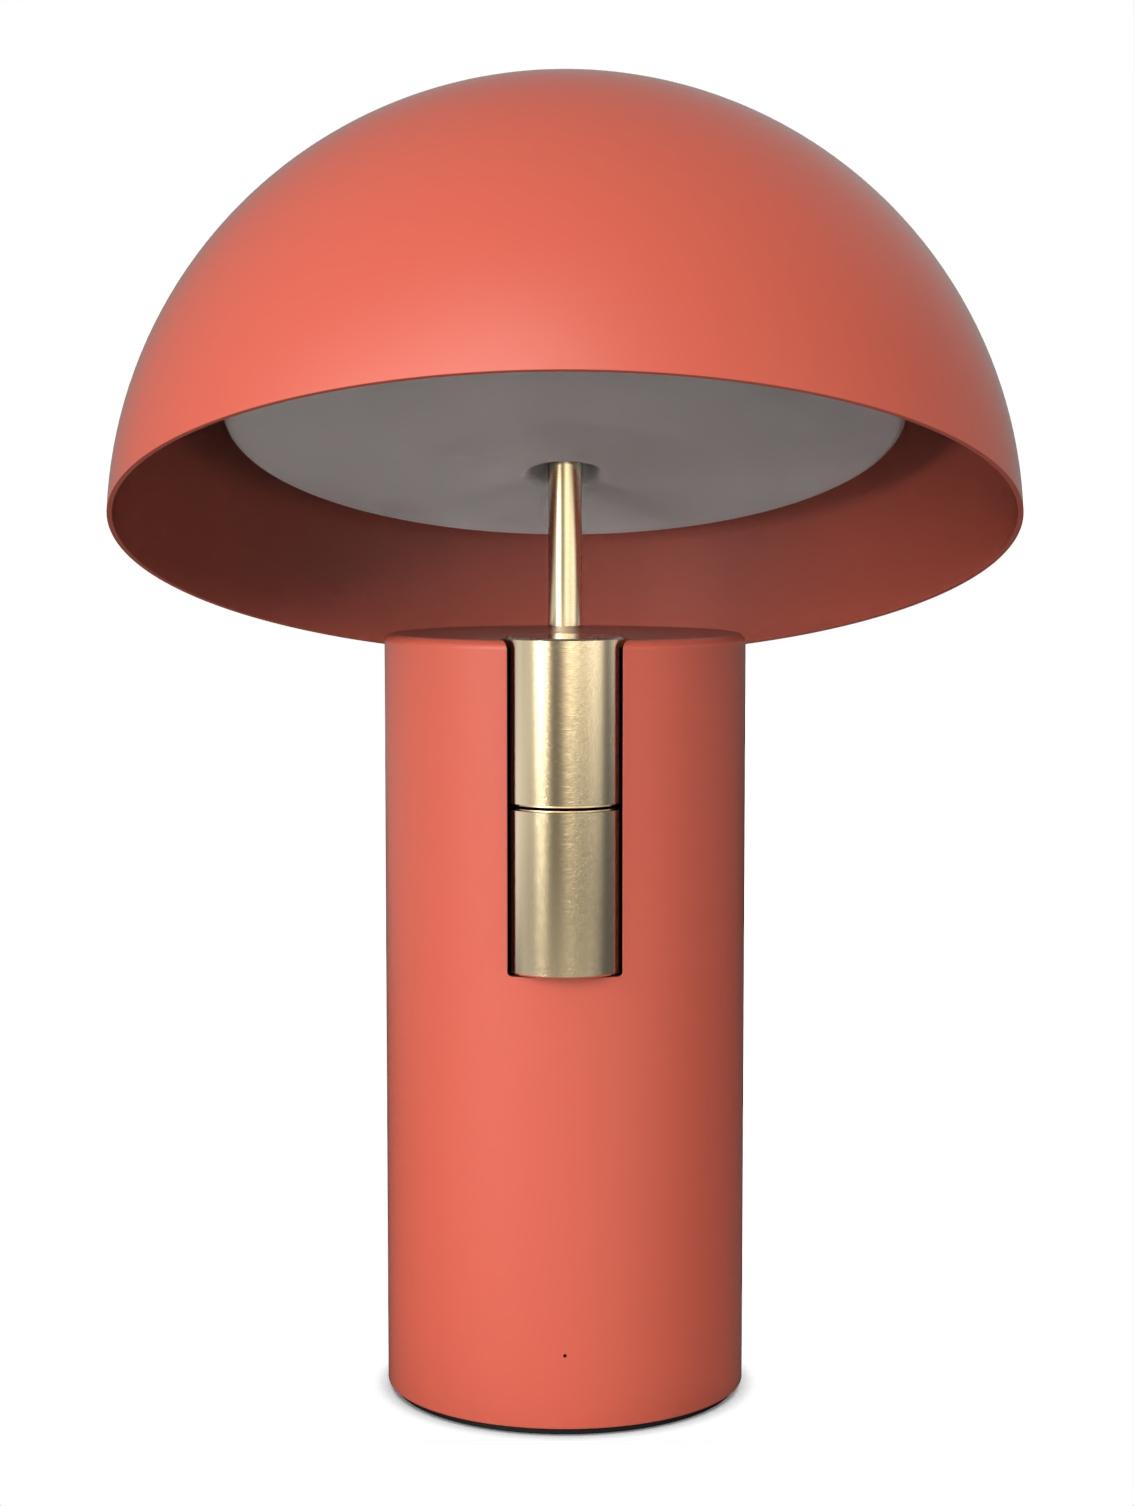 Alto Luminaire Acoustique Lampe Enceinte Jaune Fabrique Terracotta Or